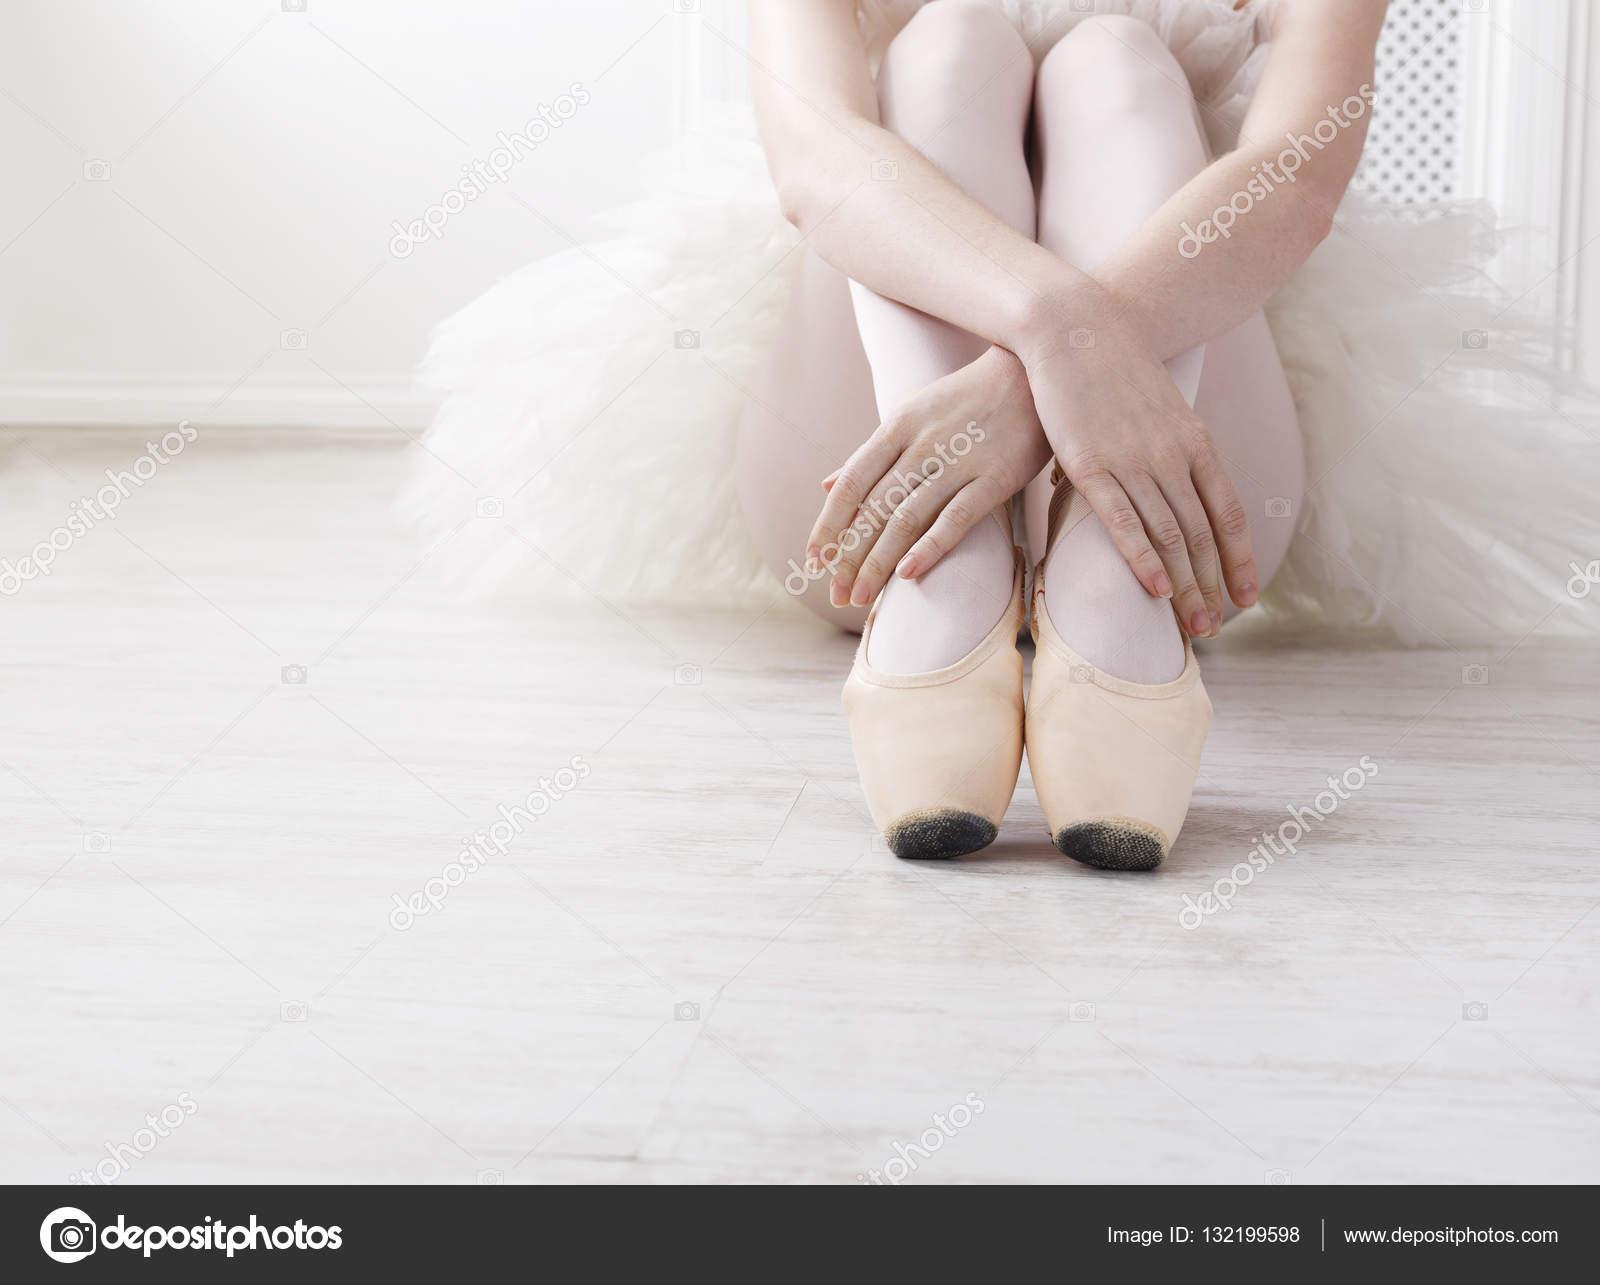 Балет картинки красивые. Балерина кладет на балет пуанты 378b1c50edfed